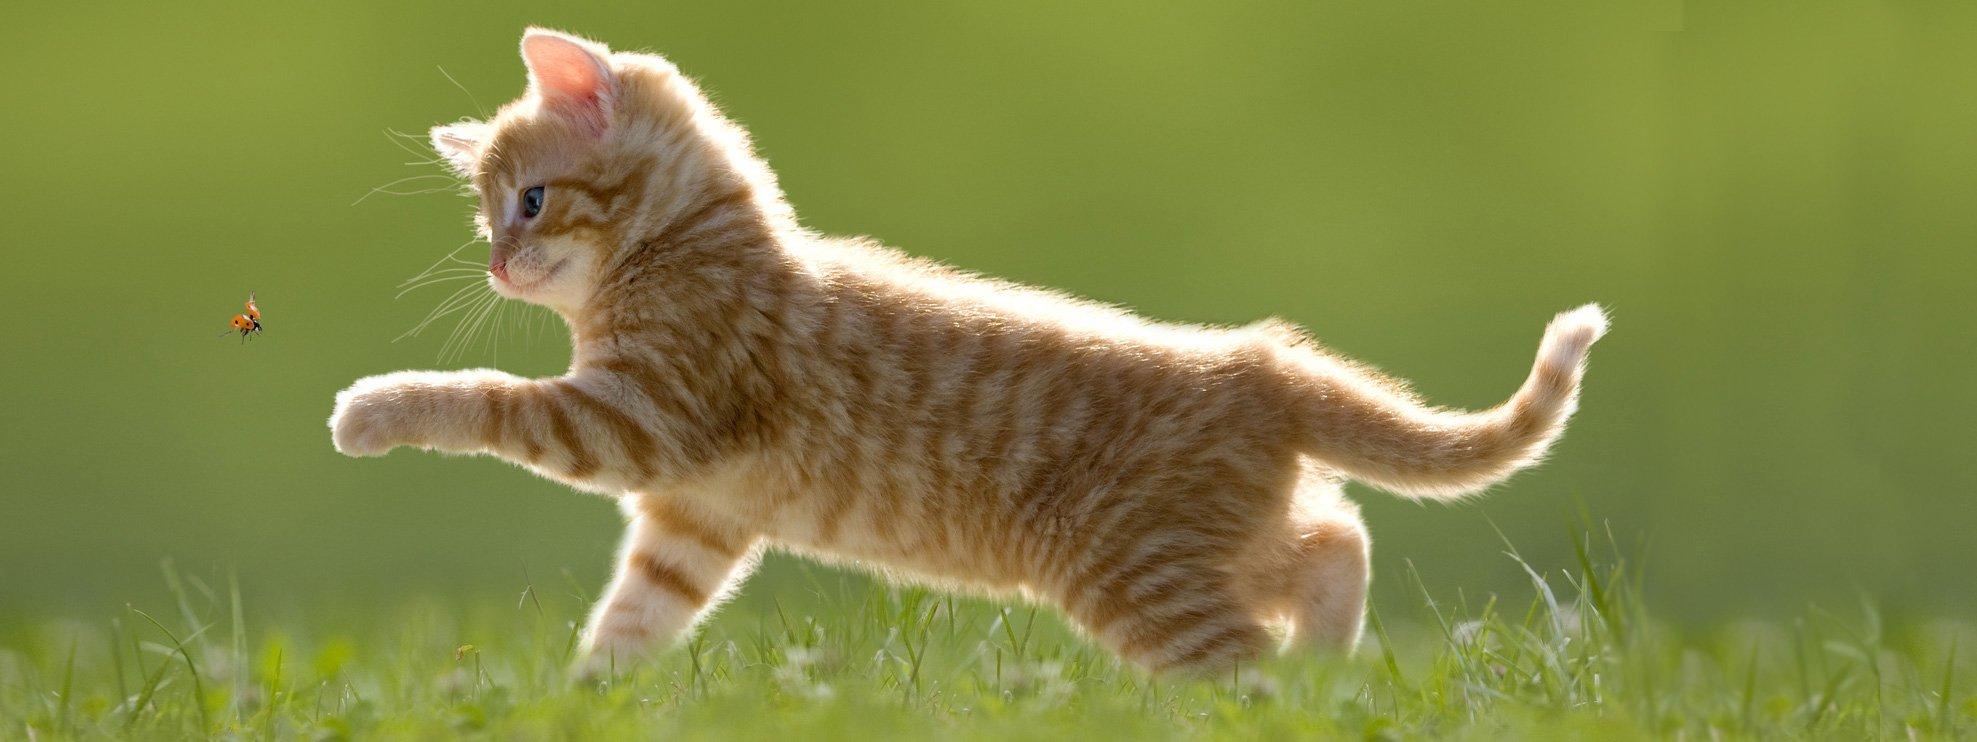 Segni di vermi a un gattino mensile